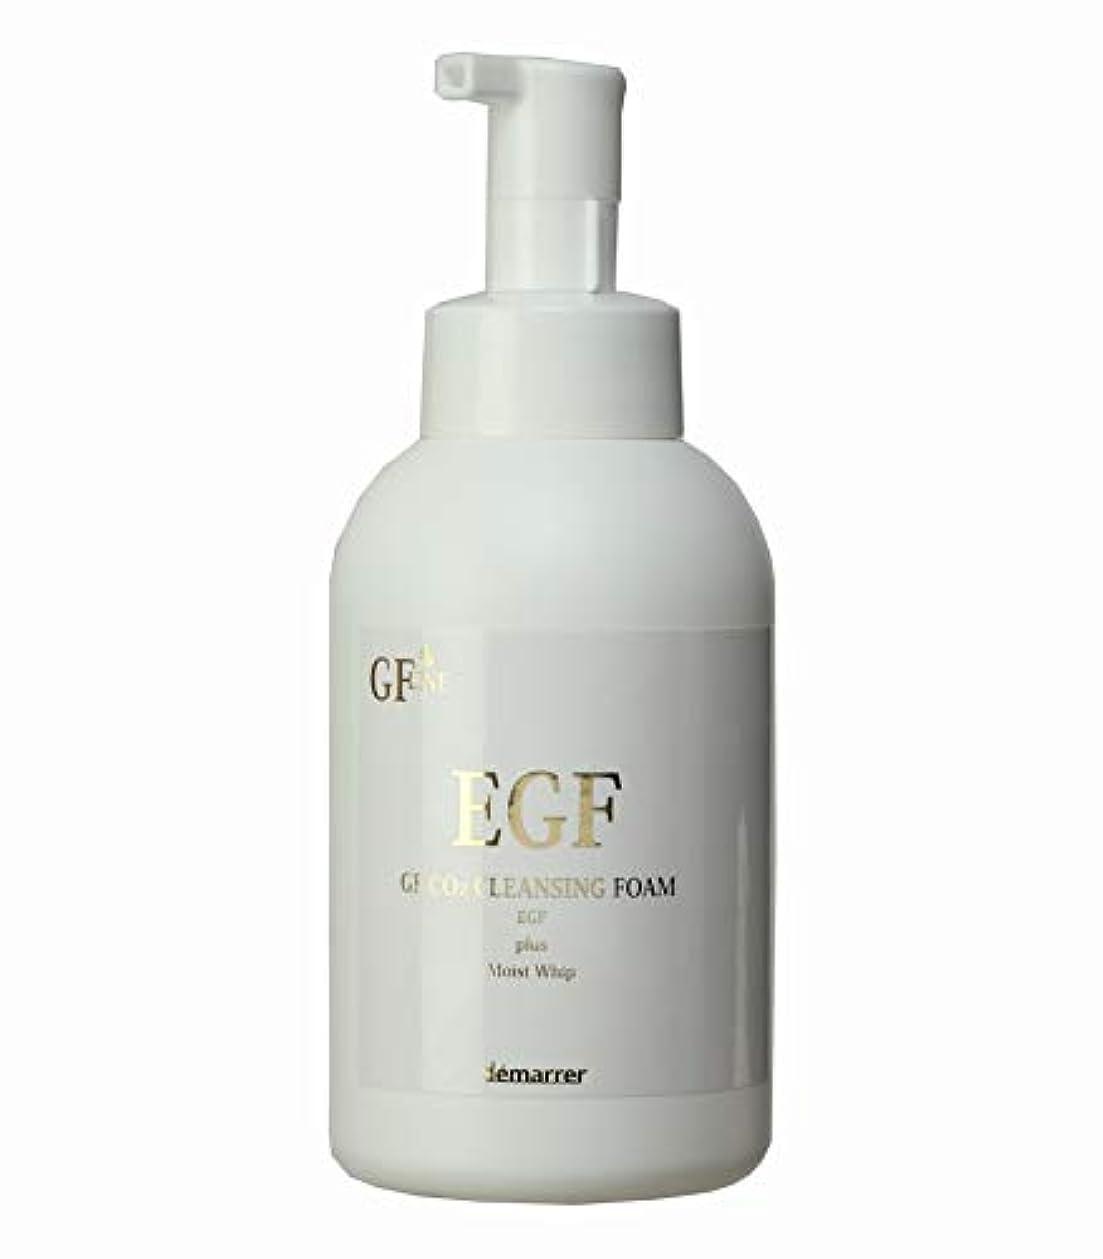 意図パワー不透明なデマレ GF炭酸洗顔フォーム 500ml